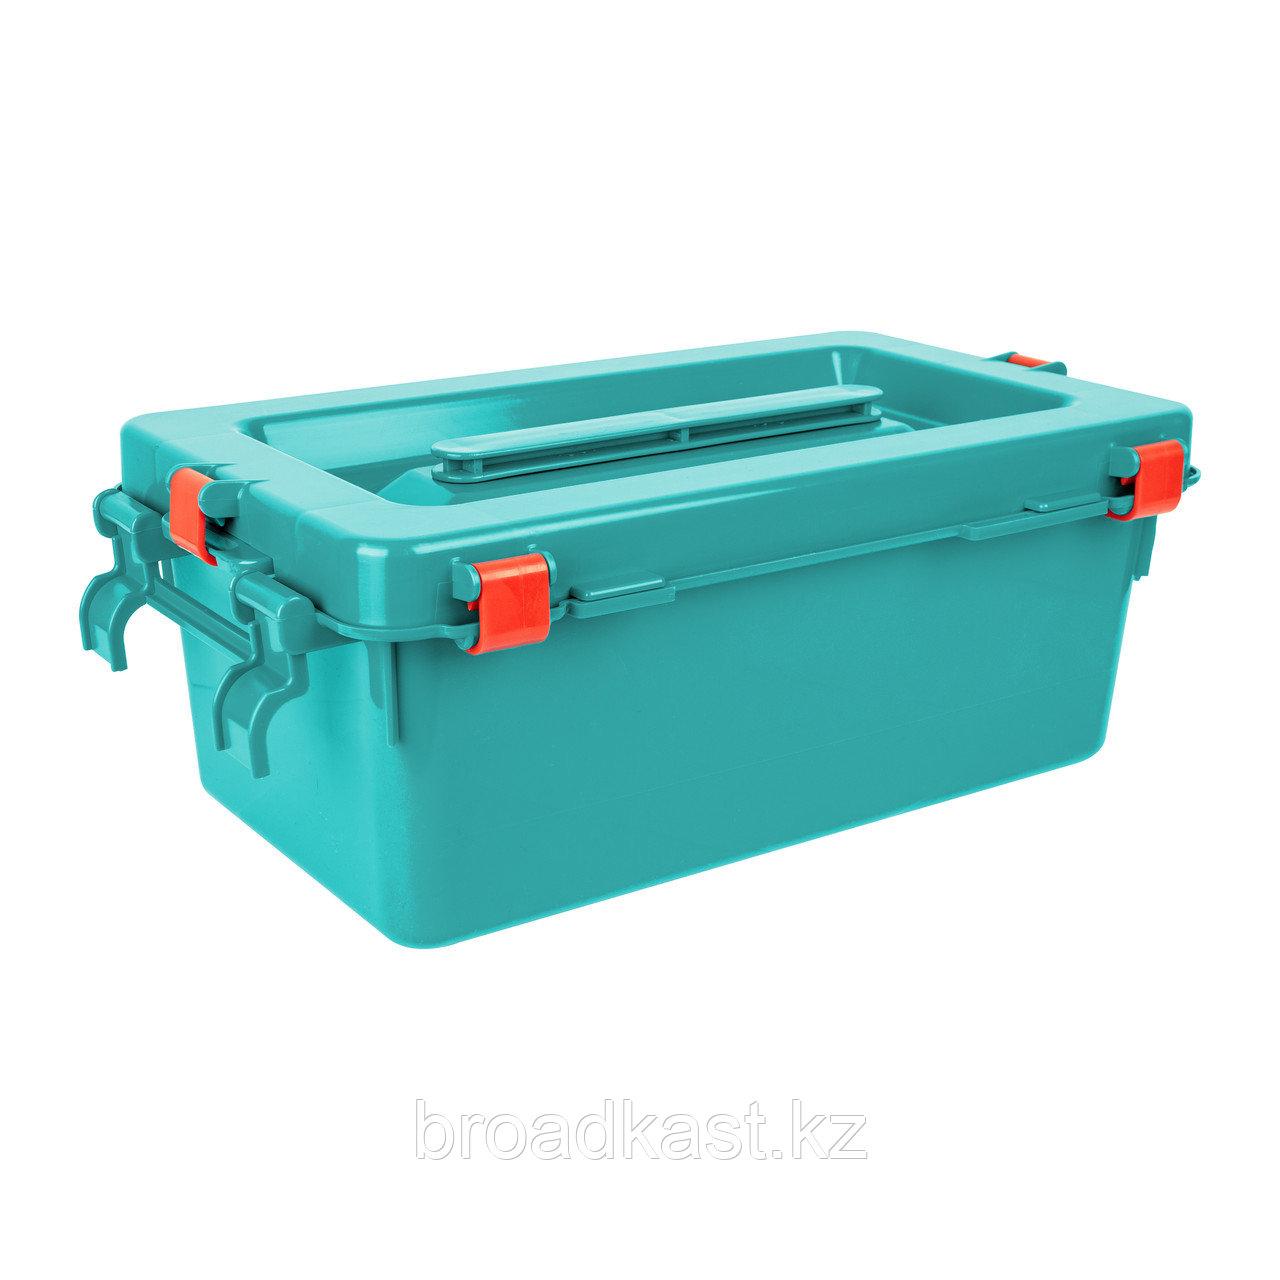 Бак для сбора, хранения и перевозки медицинских отходов 12,0 л.